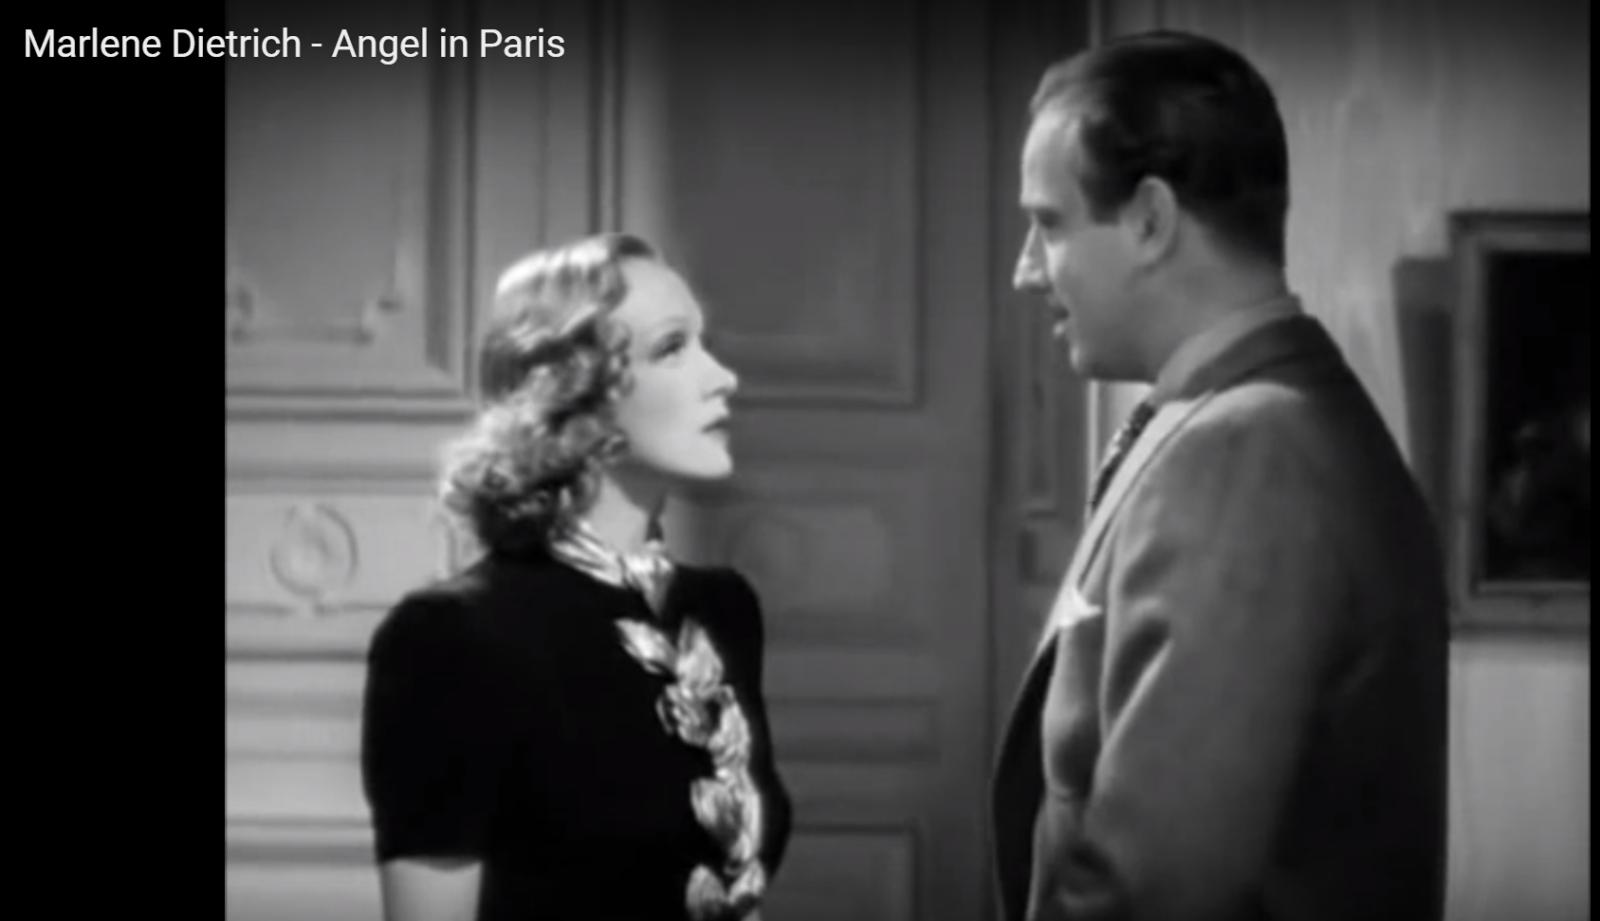 Ange-1937